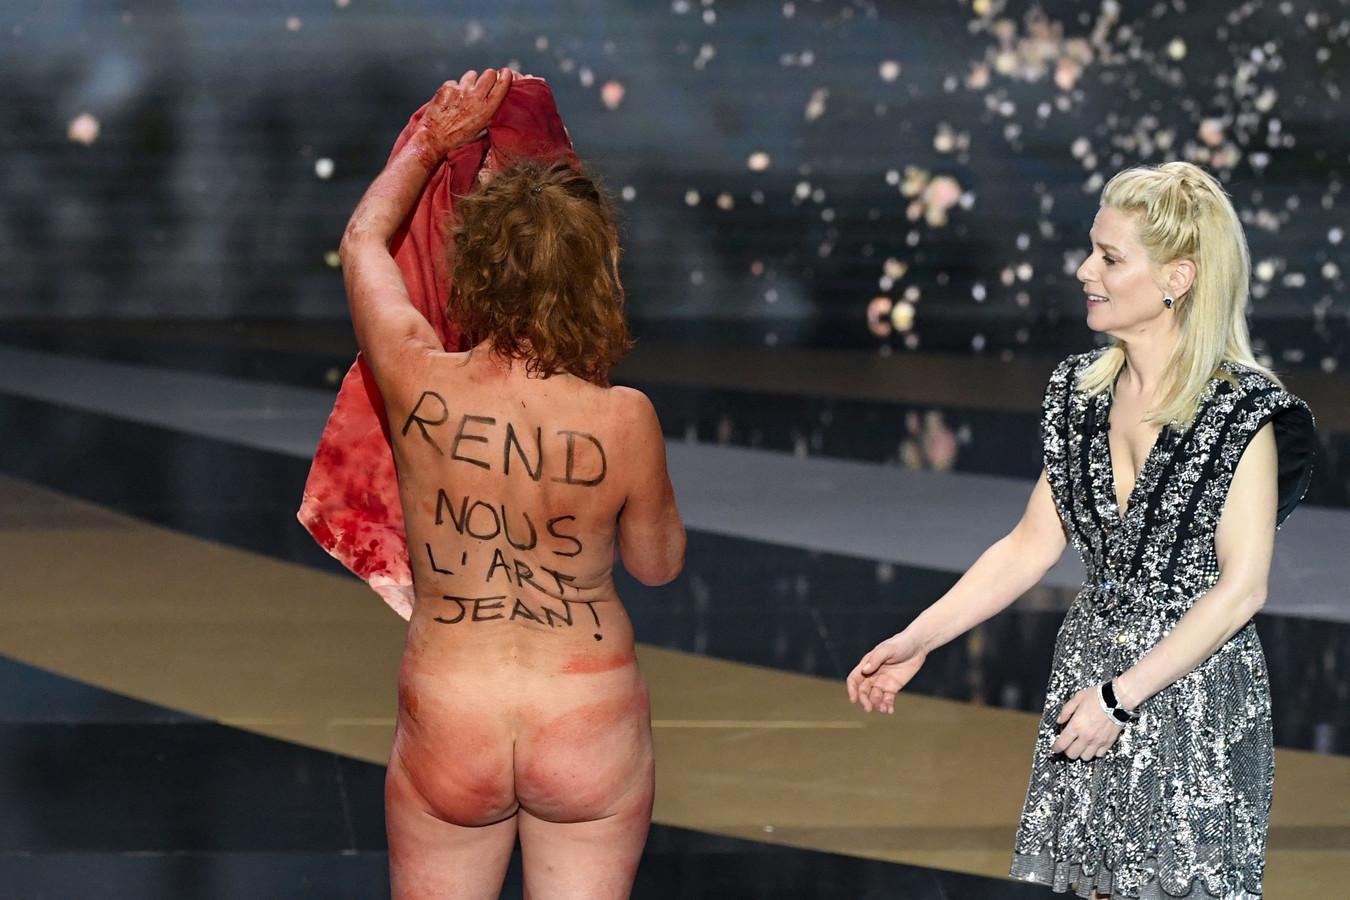 Venue remettre le prix du meilleur costume, Corinne Masiero s'est complètement déshabillée pour soutenir le secteur culturel.